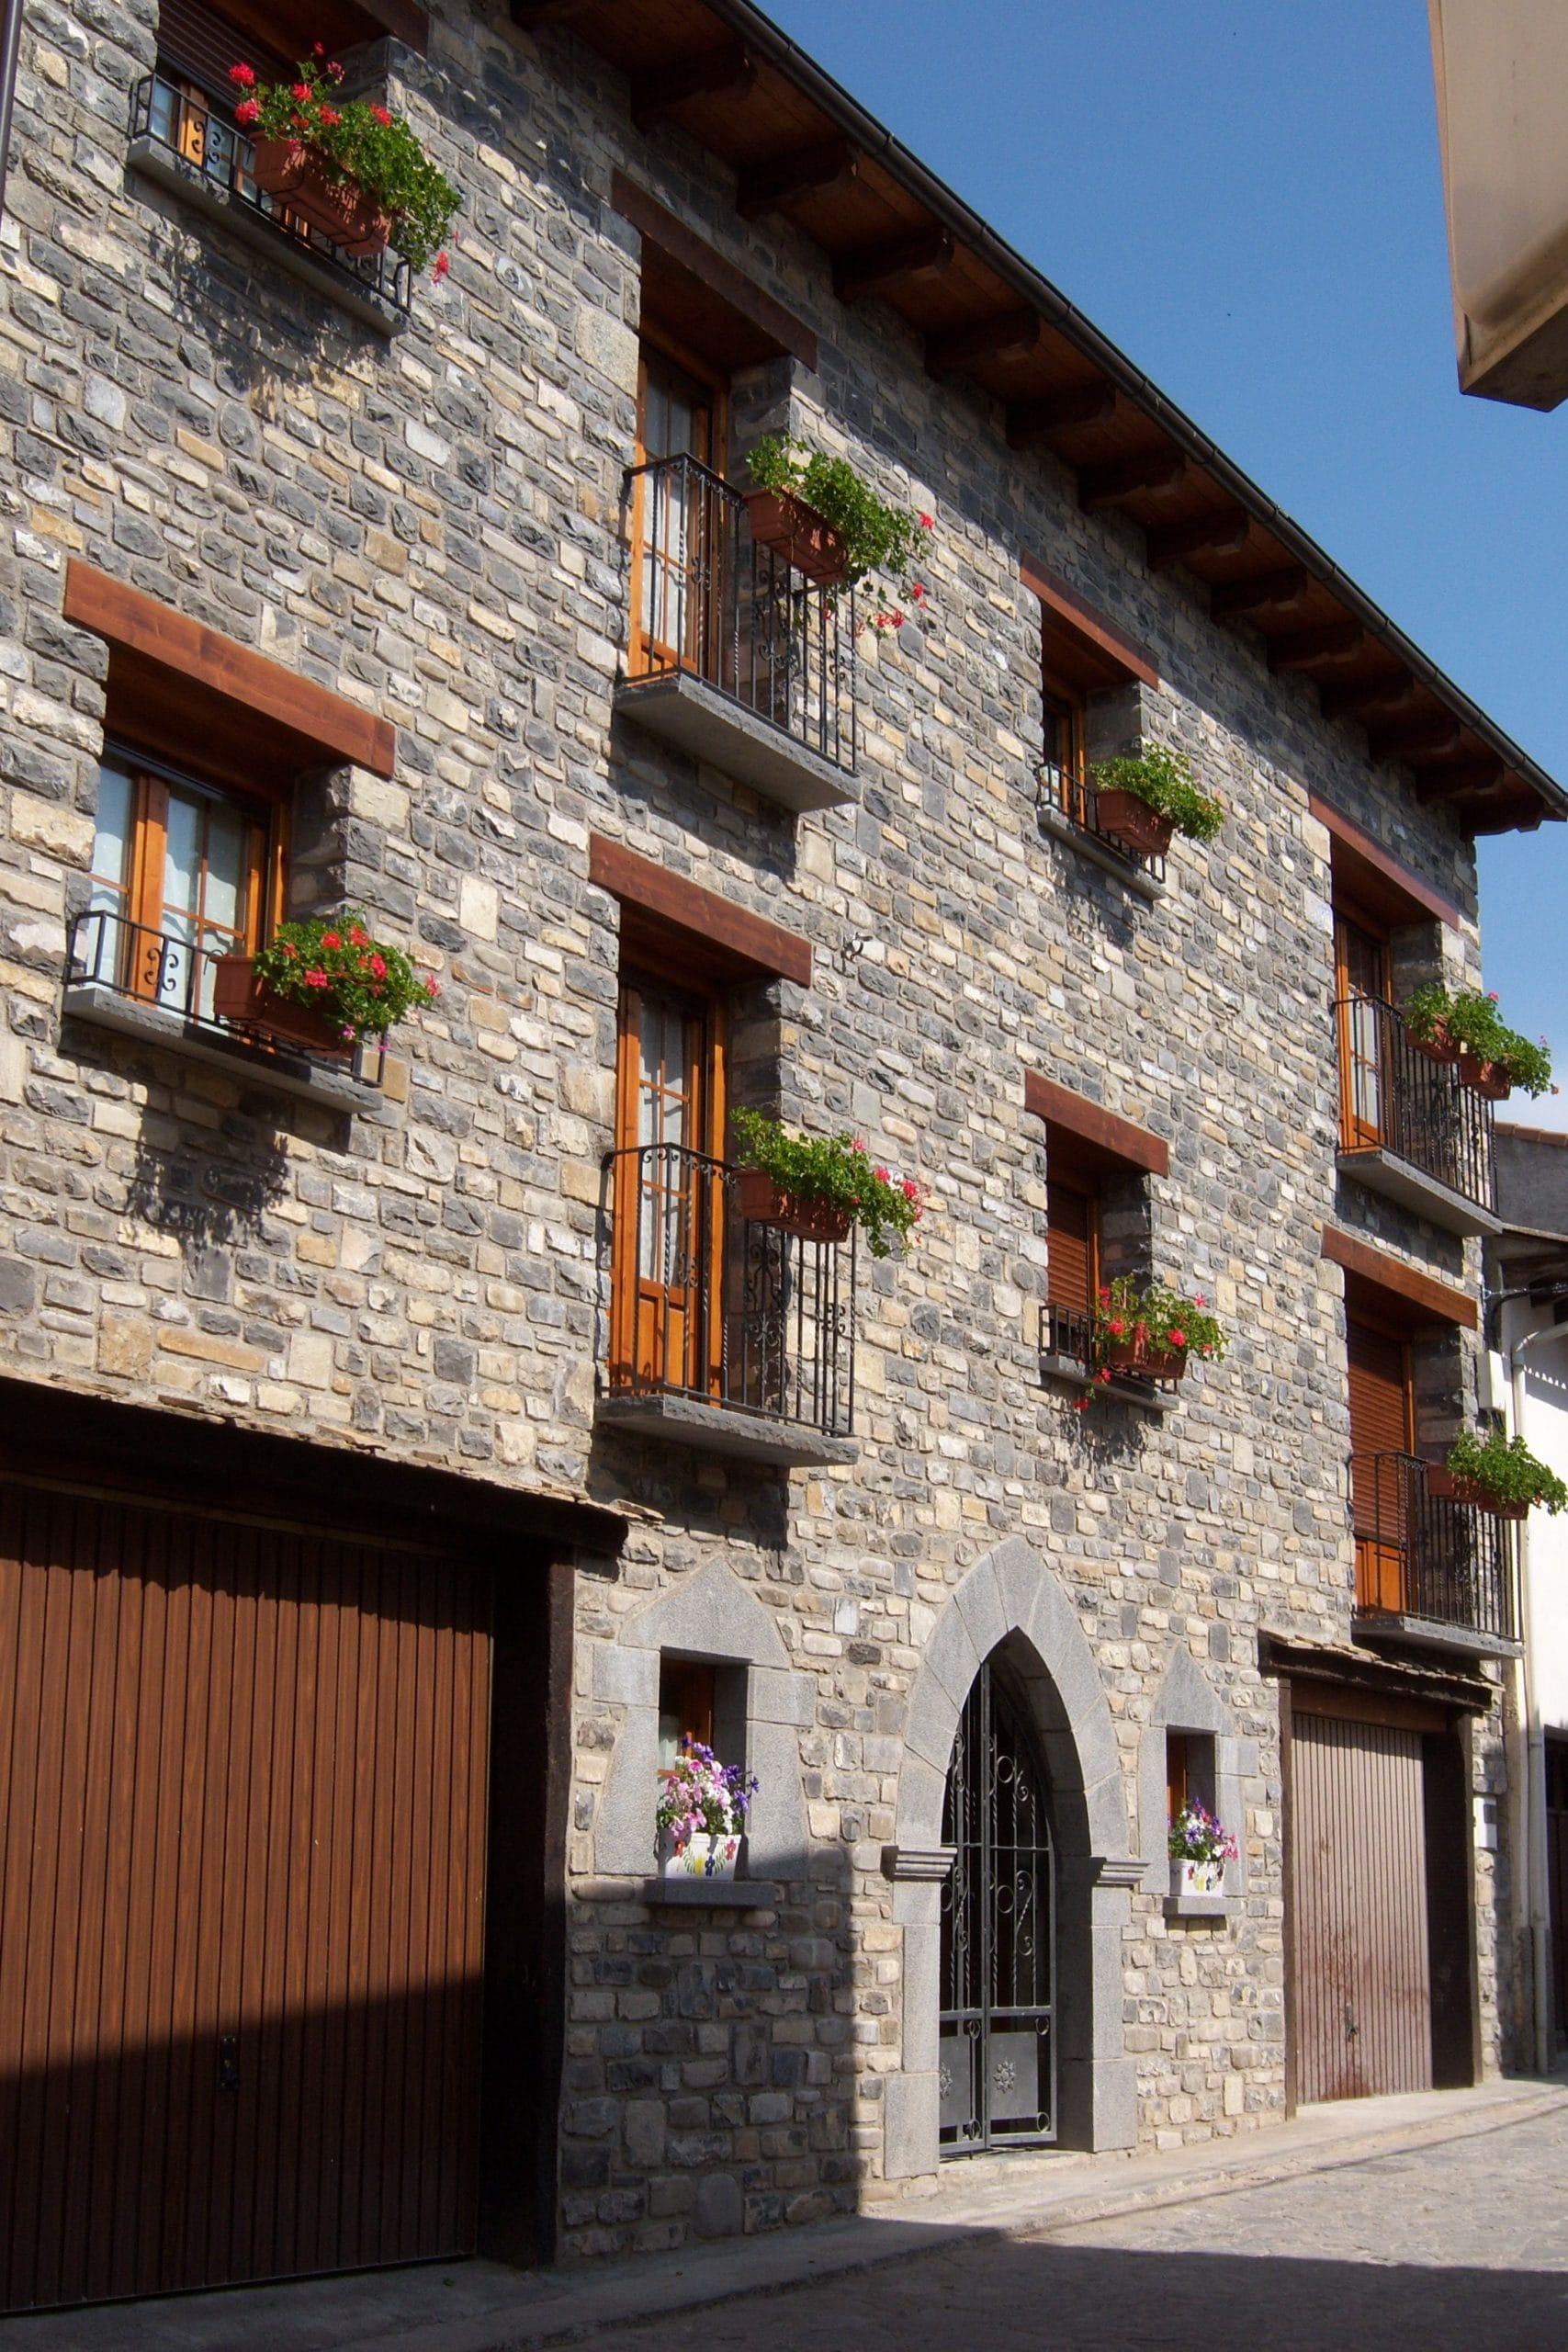 Edificio de apartamentos de estilo rústico con facha en piedra en Javierregay, Jaca